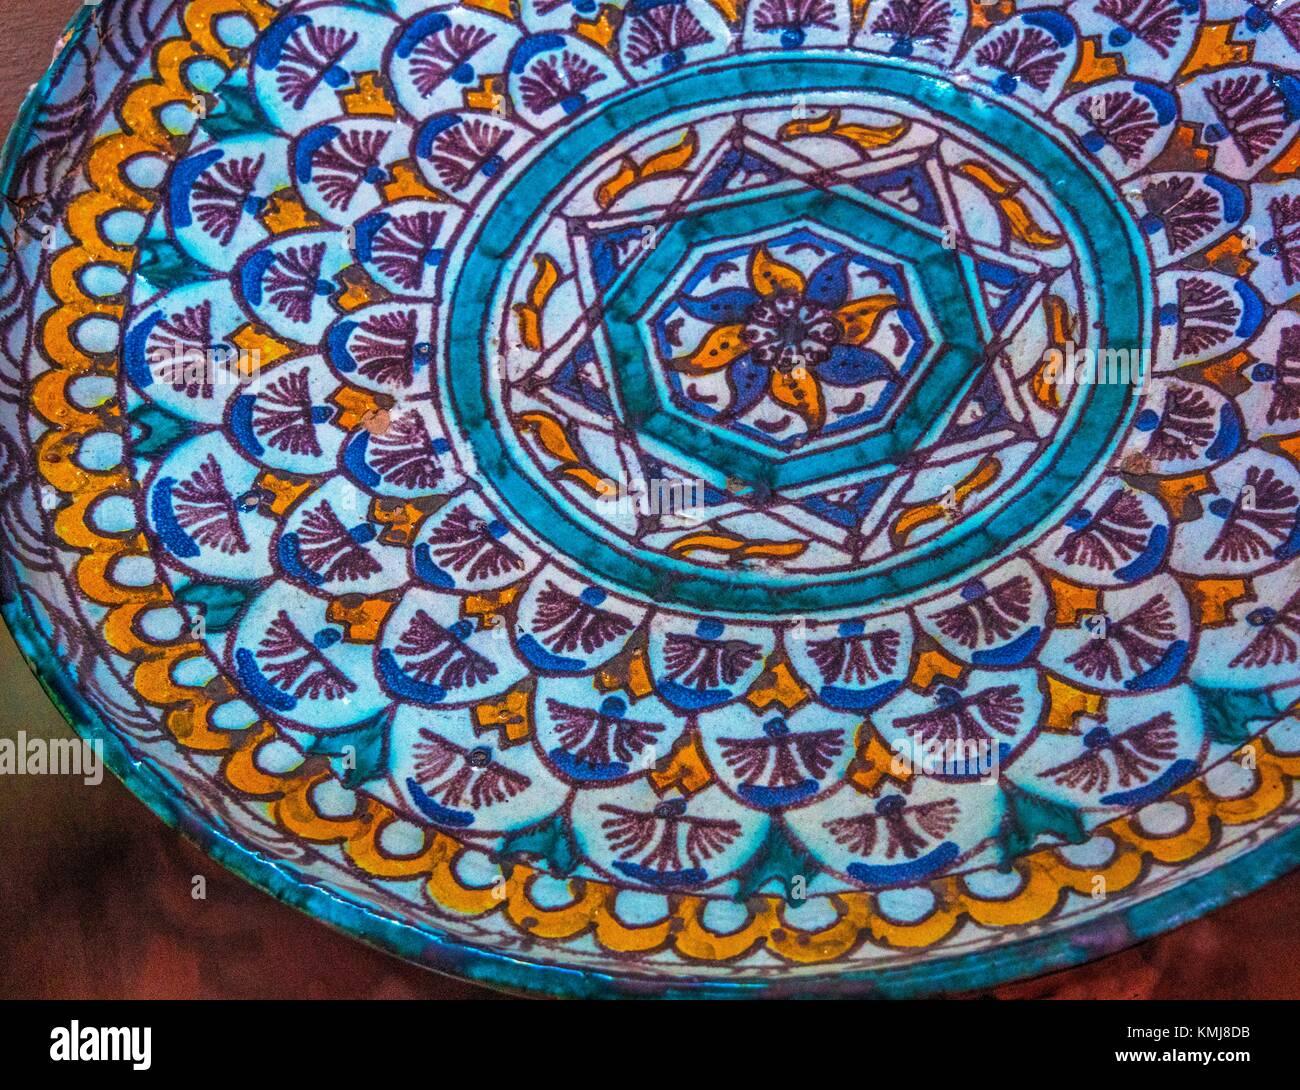 Marruecos, Meknes, Dar Jamai Museo: placa de cerámica 'Ghtar' para la presentación de cuscús. Imagen De Stock